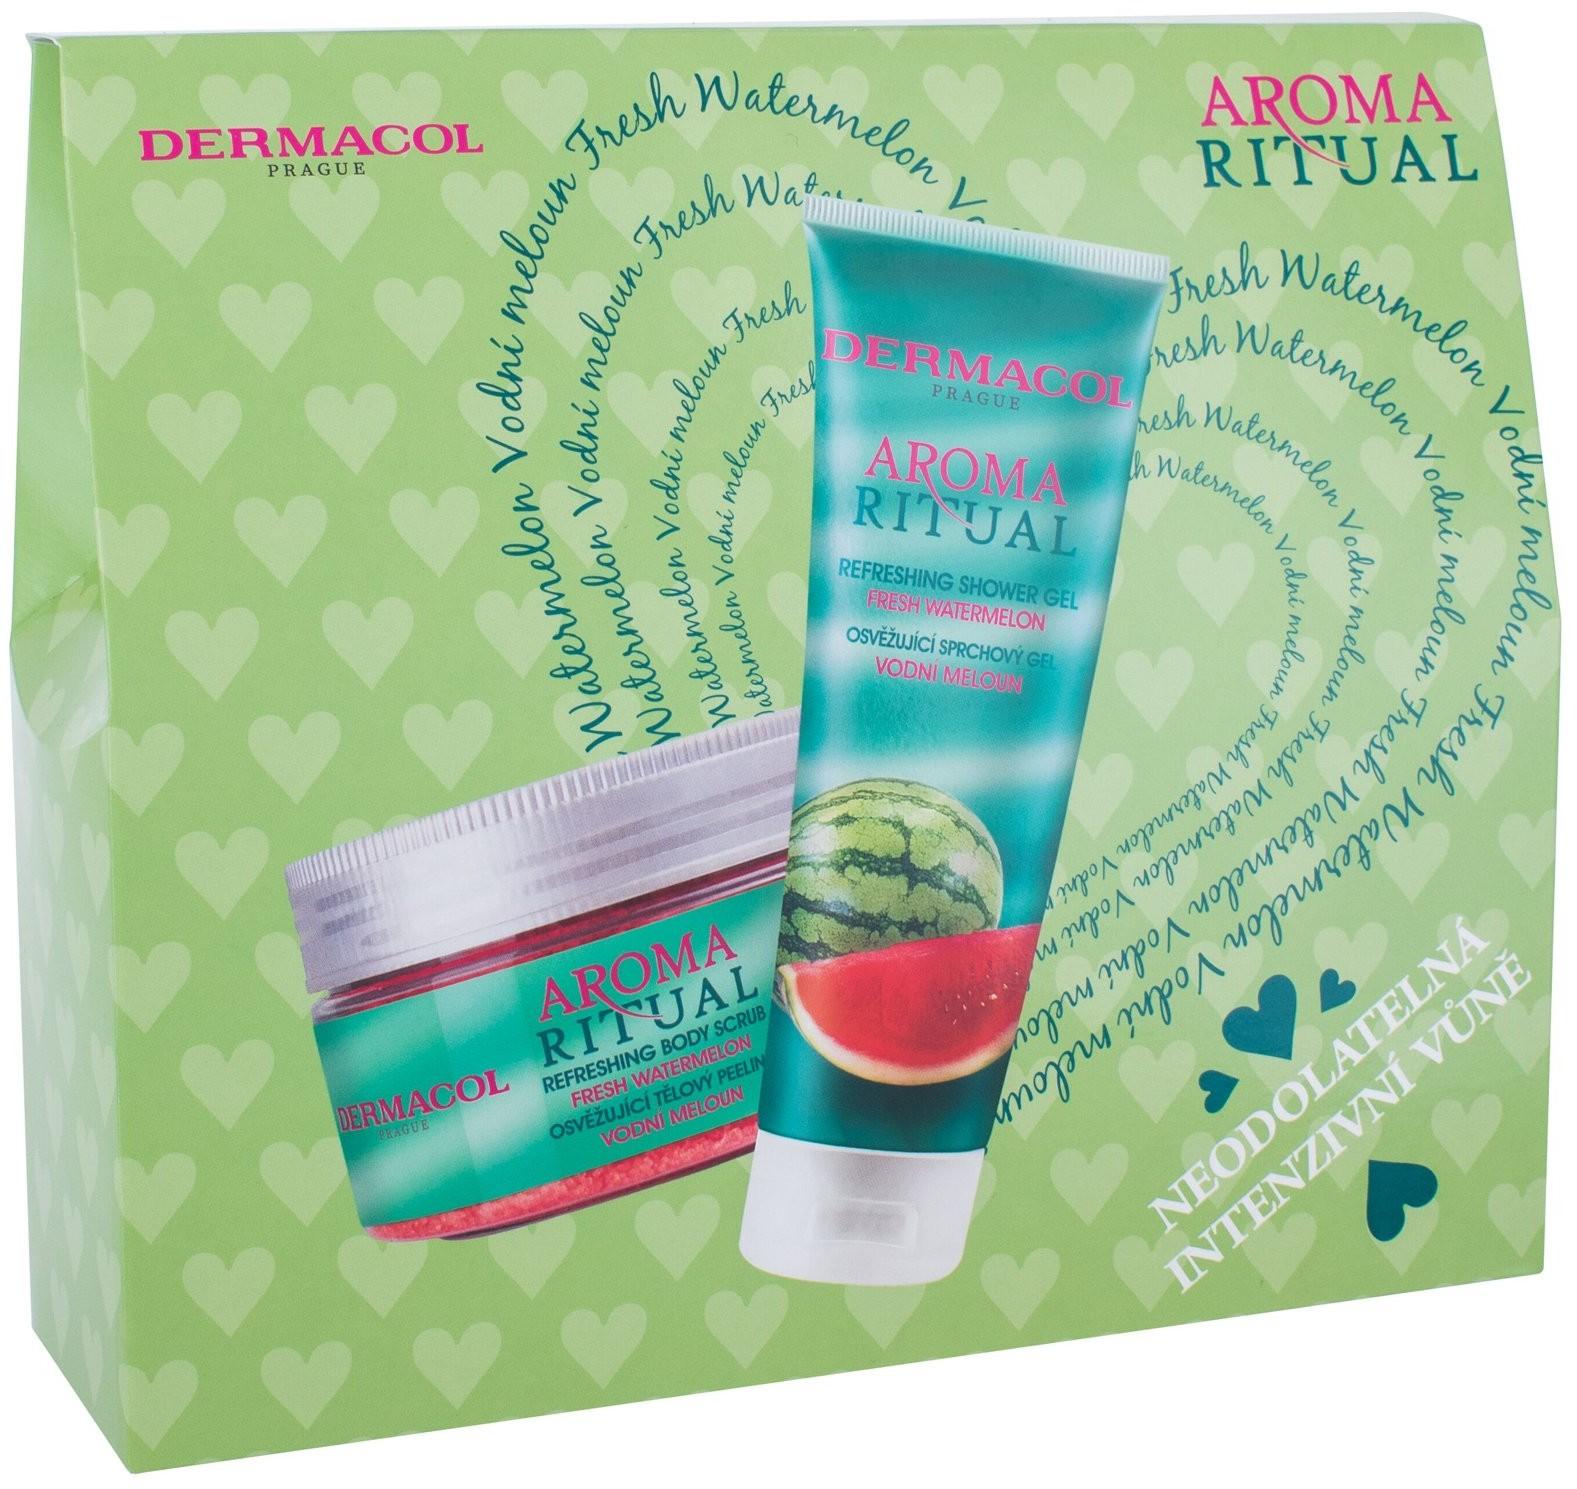 Dermacol Aroma Ritual Fresh Watermelon 250 ml Żel pod prysznic